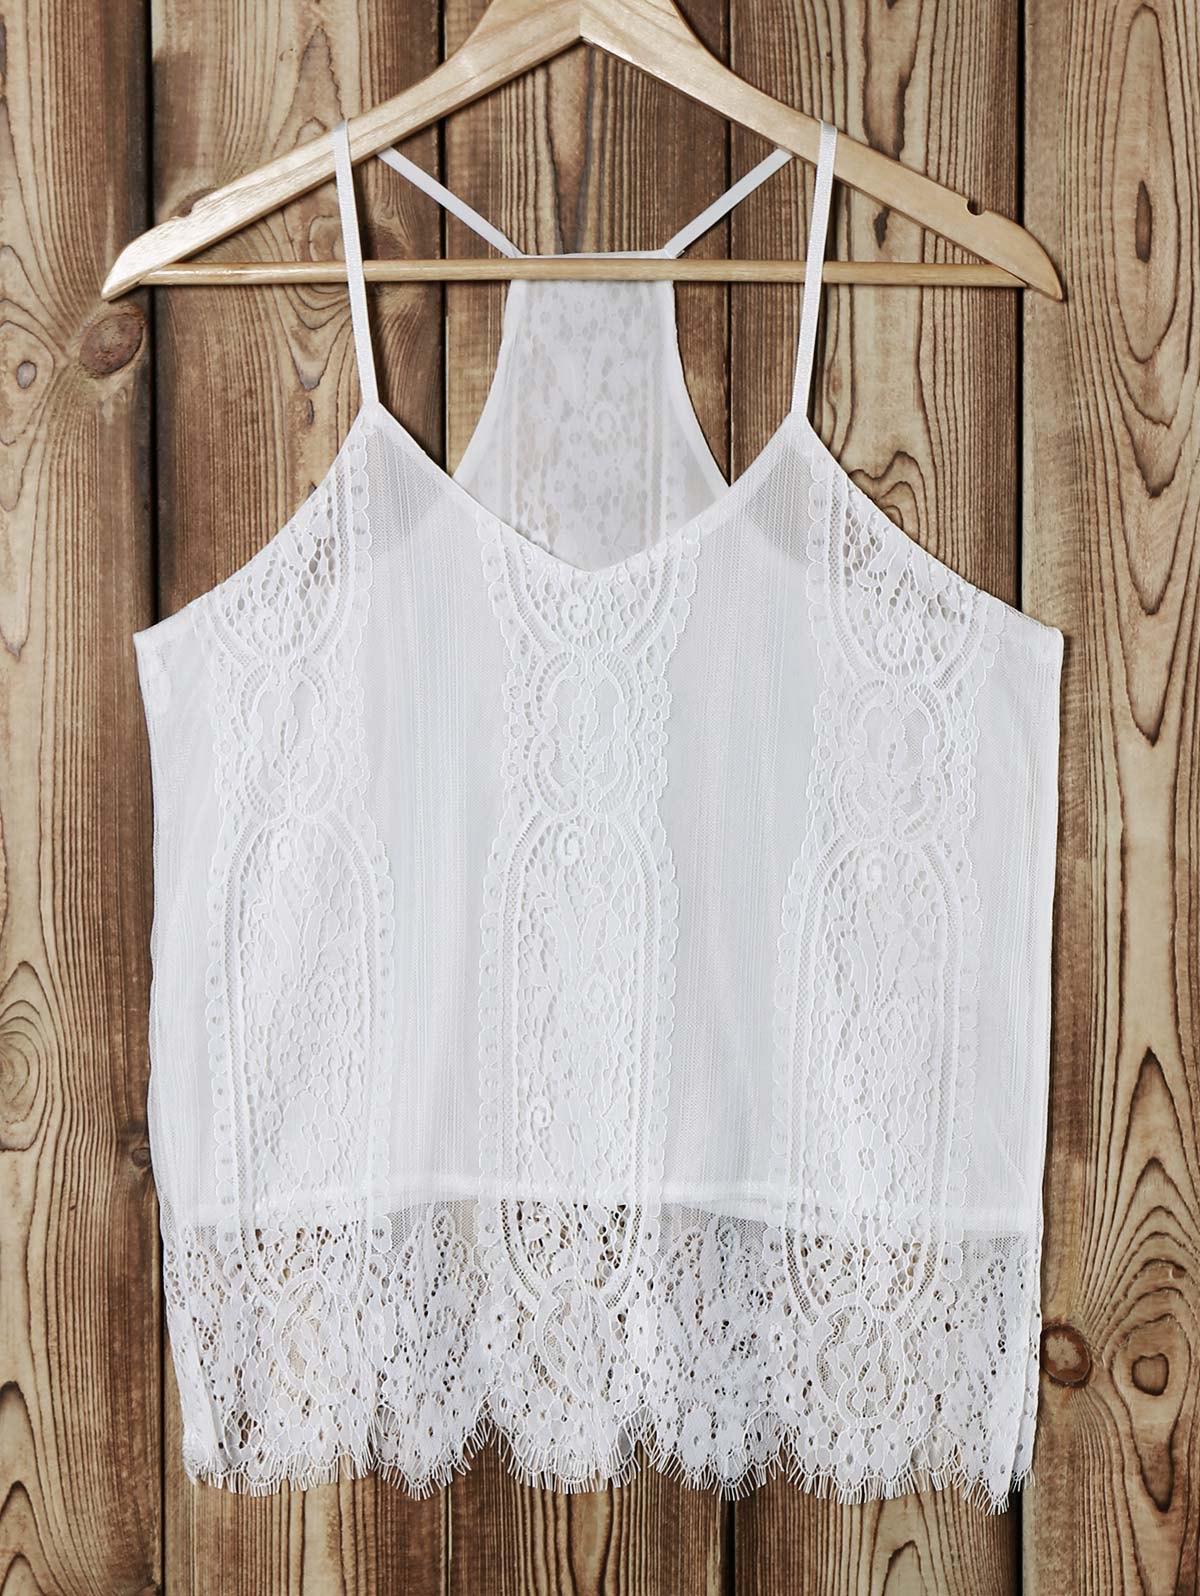 Cami White Lace Splice Tank Top